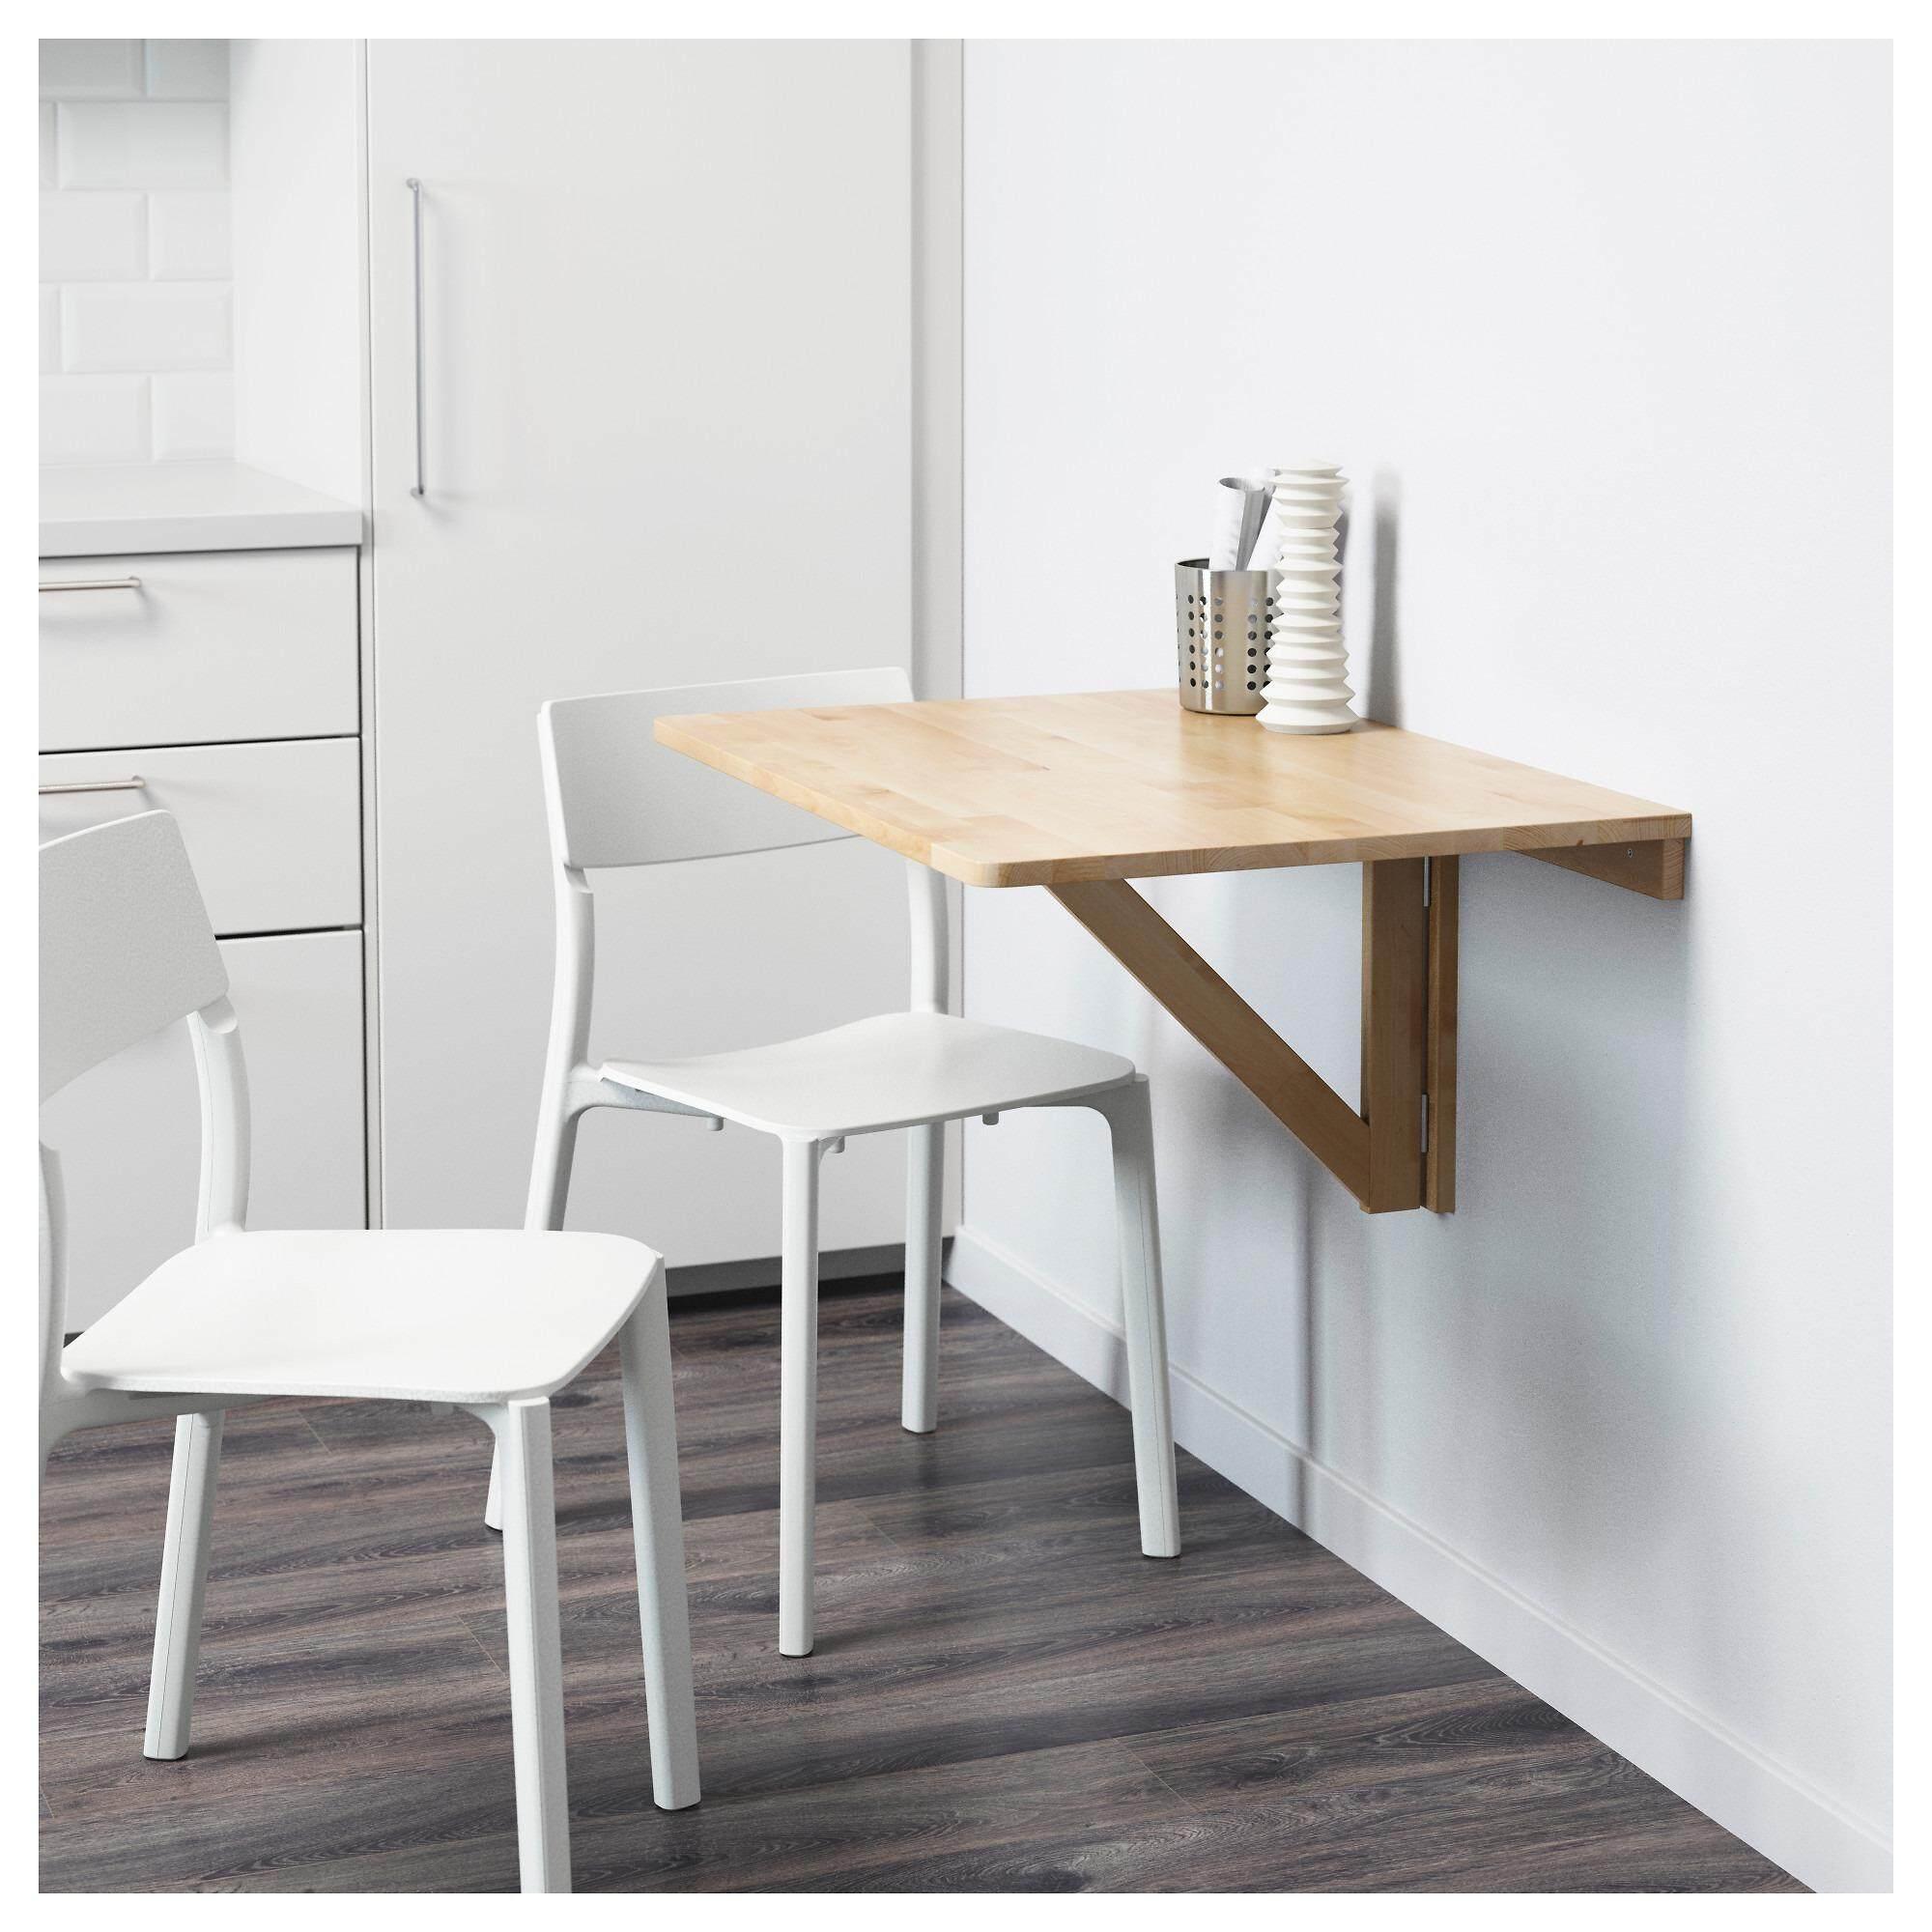 โต๊ะพับ แบบยึดผนัง แข็งแรง ประหยัดพื้นที่ รุ่น นูร์บู By Kaewroon.jan.